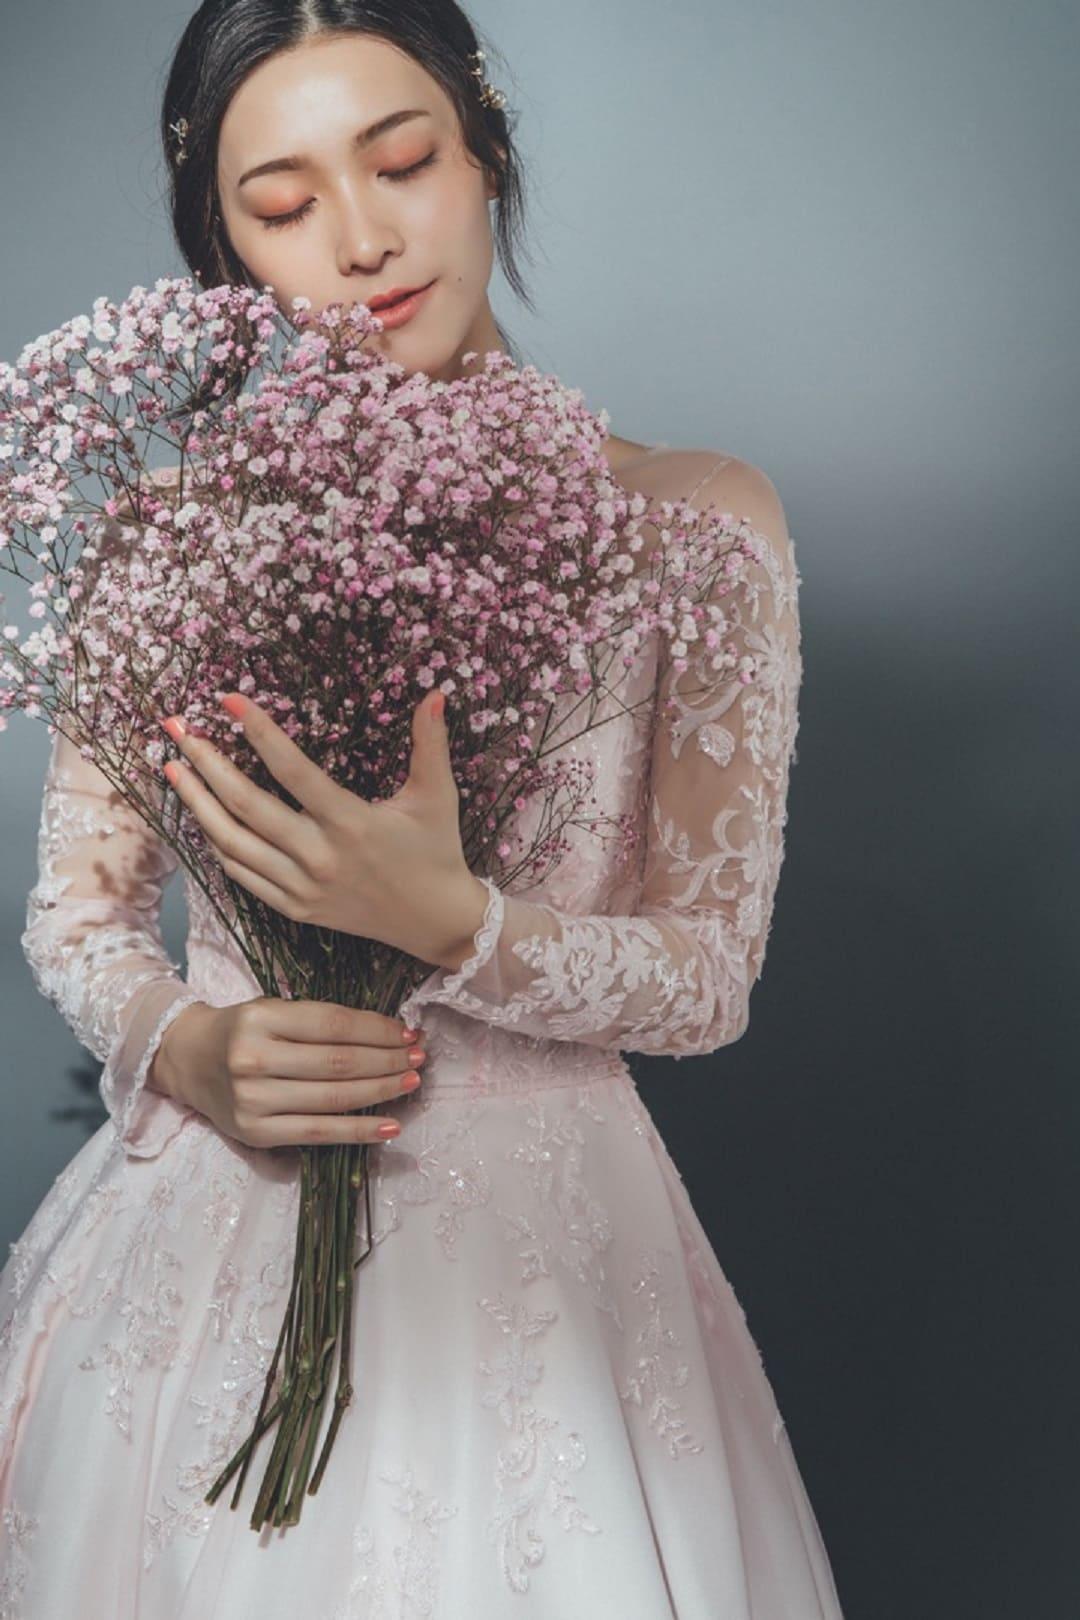 薇薇新娘婚紗攝影 婚紗禮服13